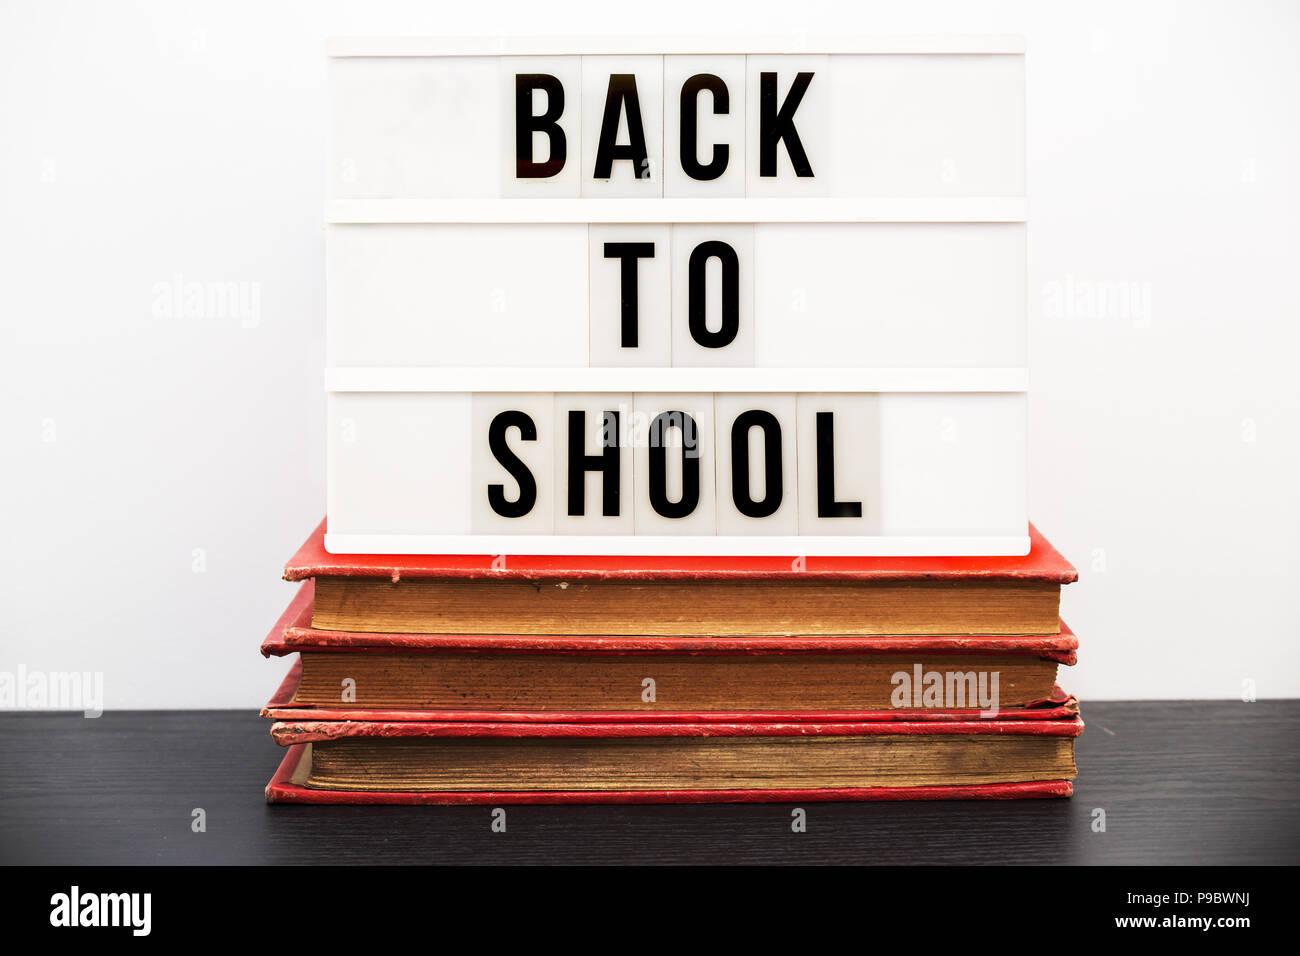 17cbe34533fe0 Zurück zu Schule in einem Leuchtkasten auf einem Stapel alter Bücher  geschrieben Stockbild